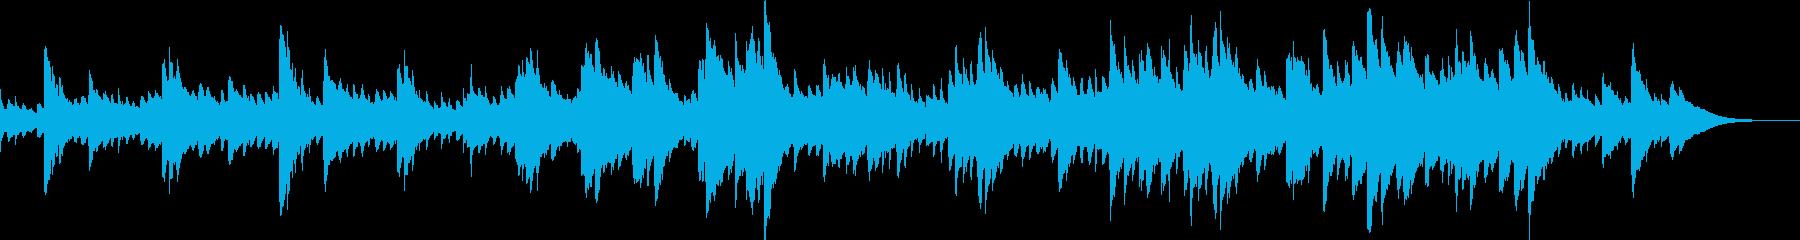 懐かしさ漂うオルゴールの再生済みの波形